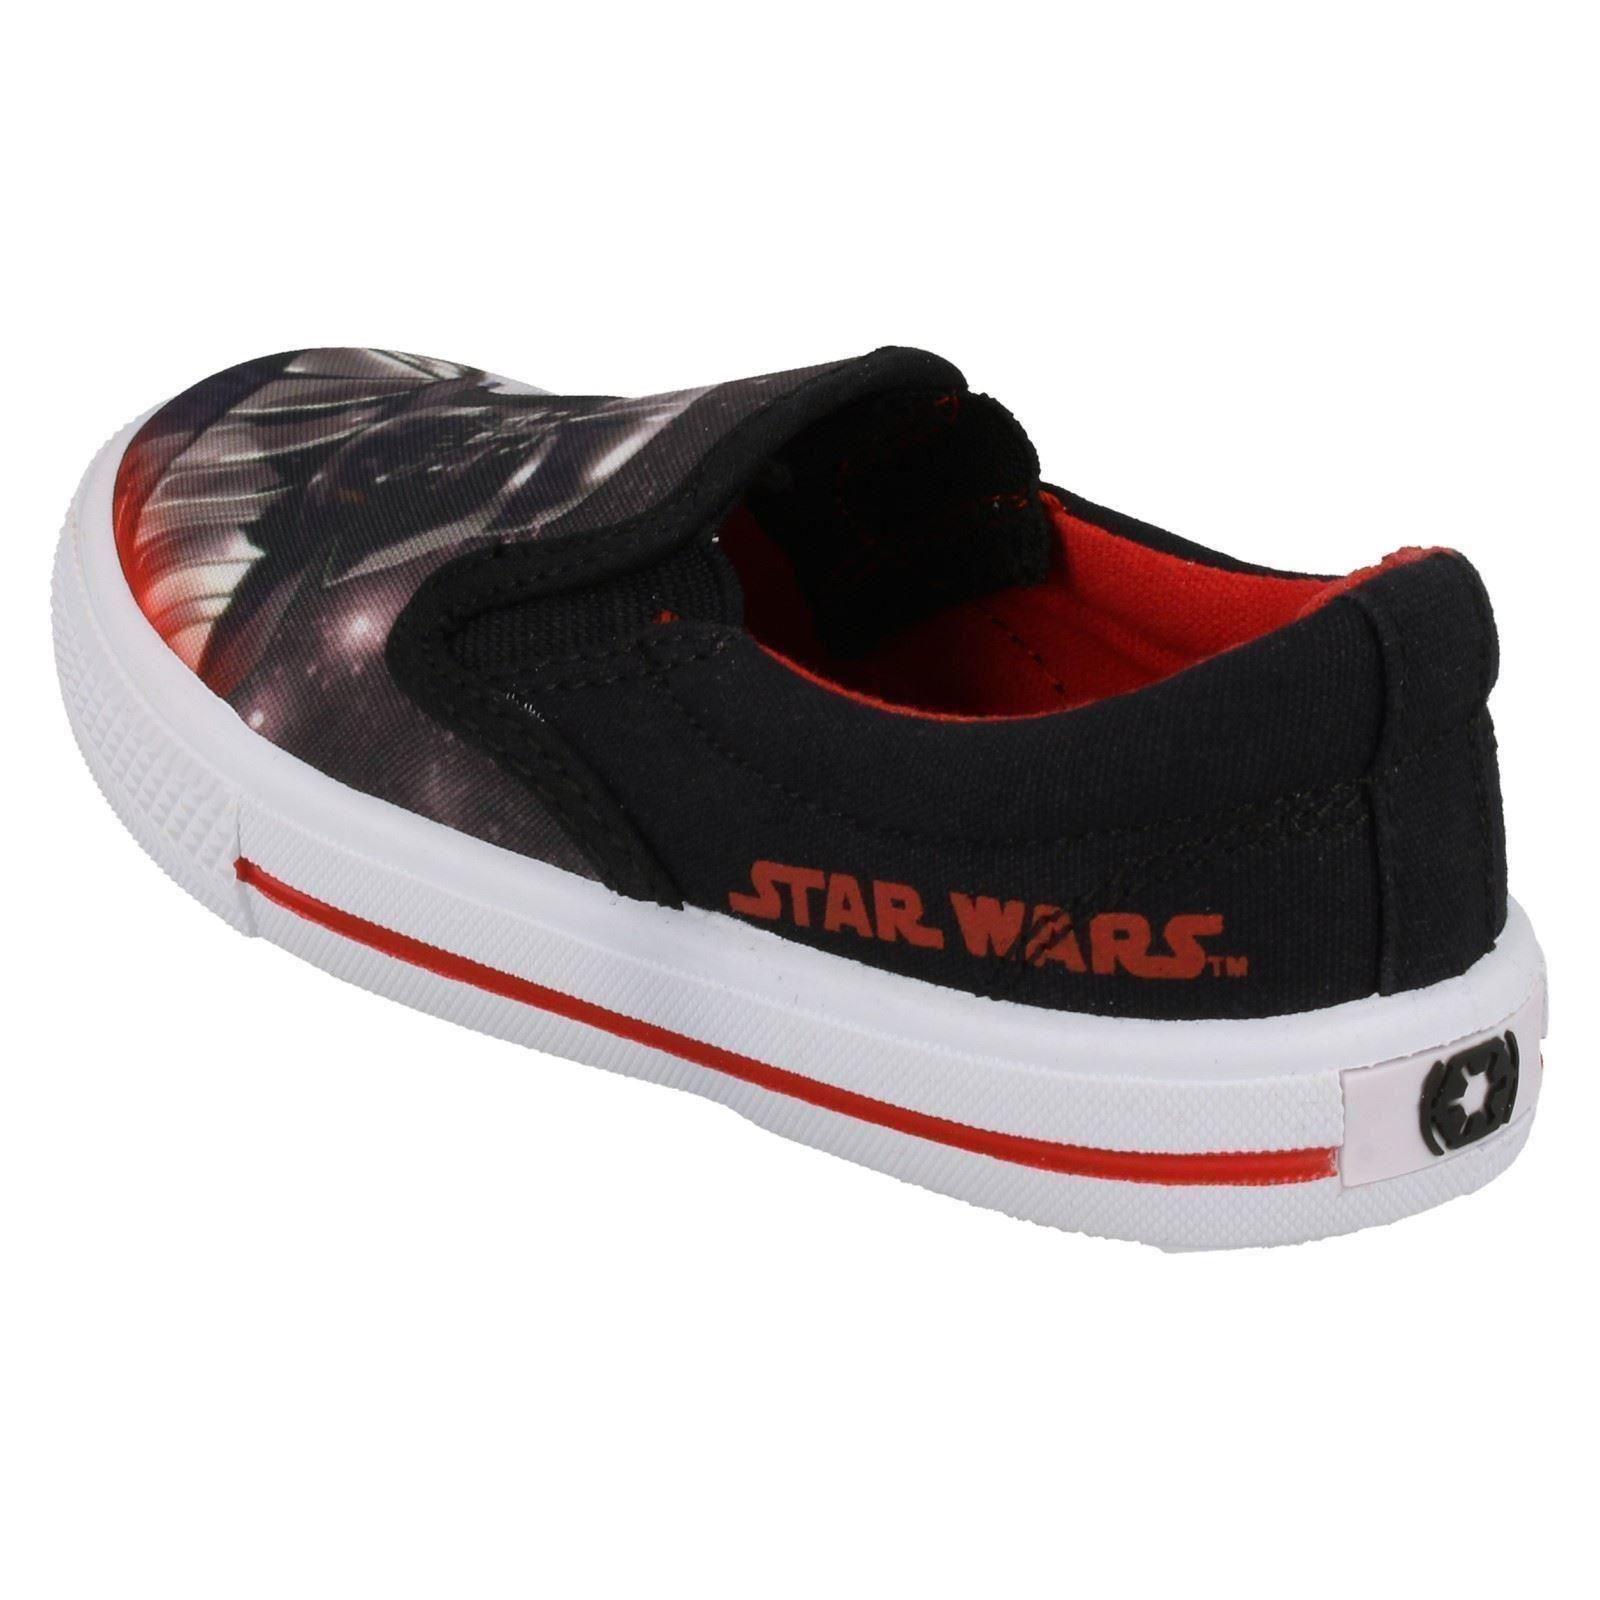 Chicos STAR WARS resbalón en el zapato de lona Fairview